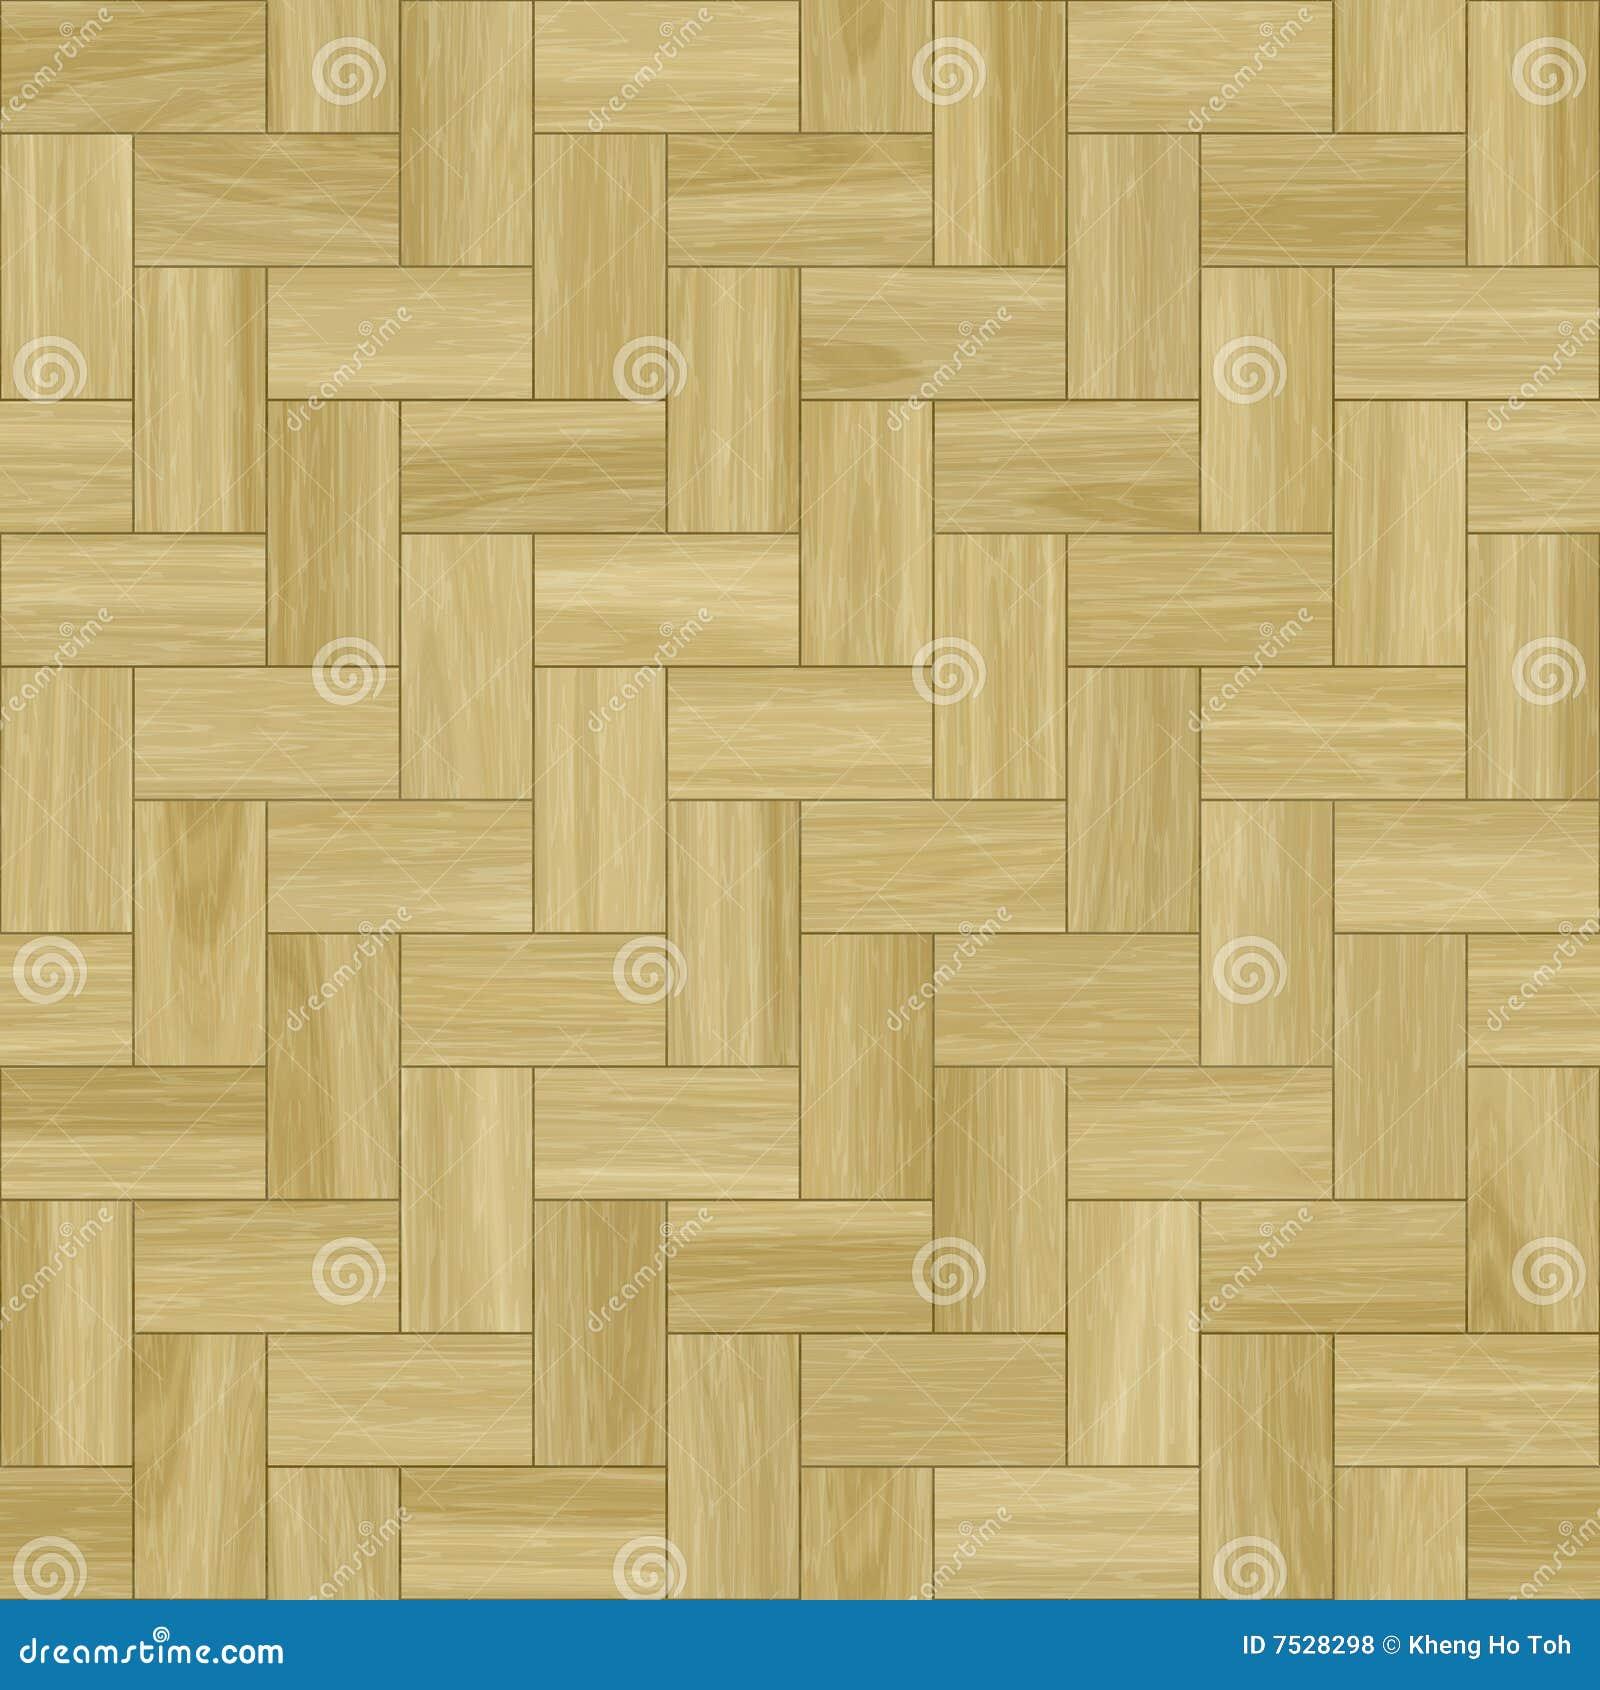 Wooden Parquet Flooring Stock Illustration Illustration Of Boarding